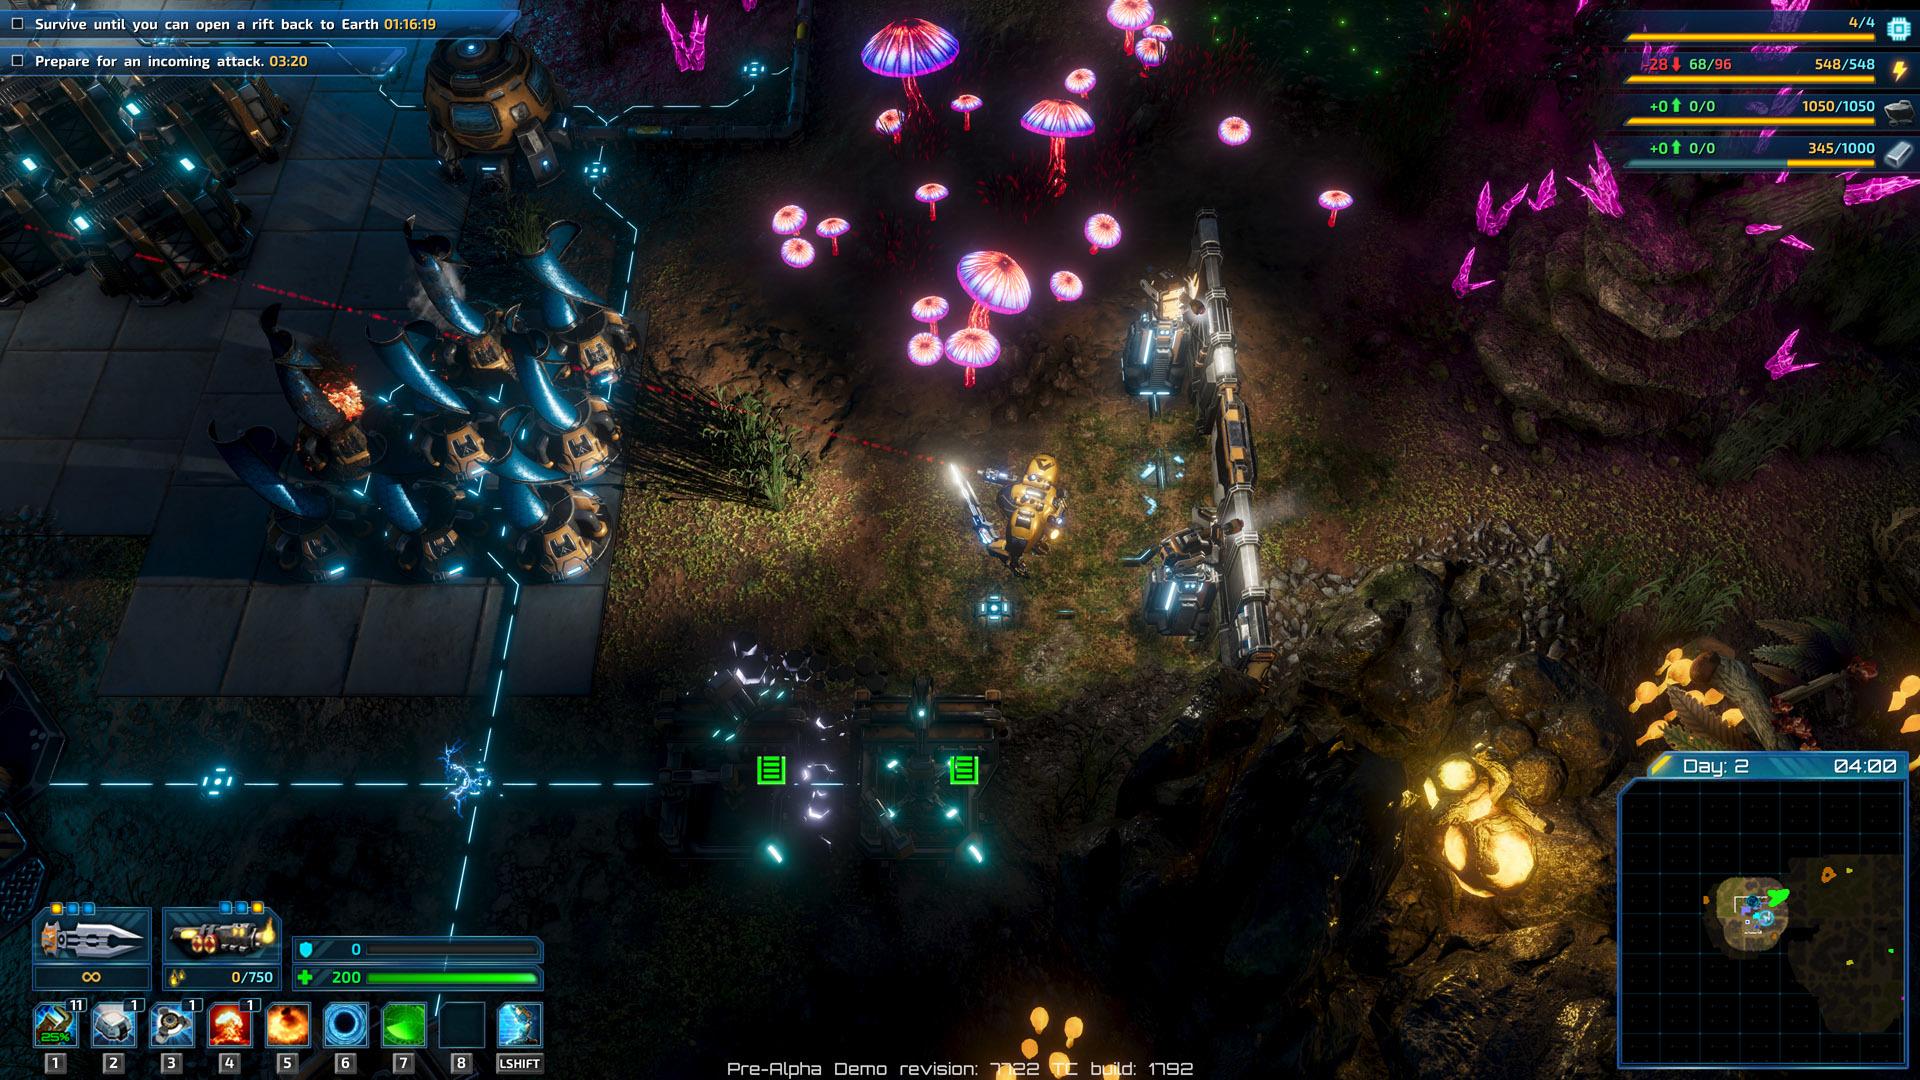 《银河破裂者》完整内容开发完毕 游戏进入Beta状态